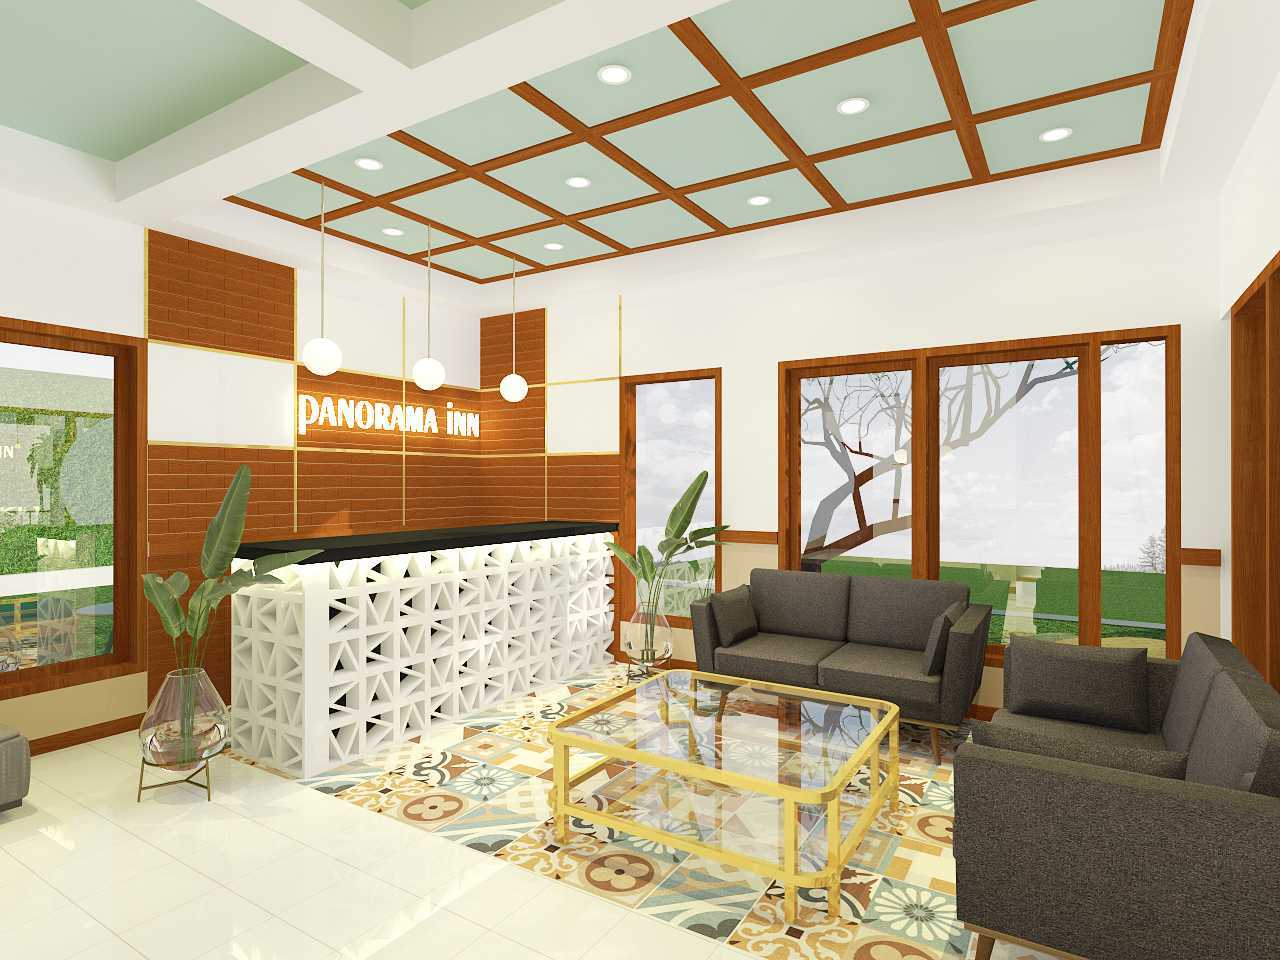 Sekala Panorama Inn Guesthouse Batu, Kec. Batu, Kota Batu, Jawa Timur, Indonesia Batu, Kec. Batu, Kota Batu, Jawa Timur, Indonesia Sekala-Panorama-Inn-Guesthouse  74493